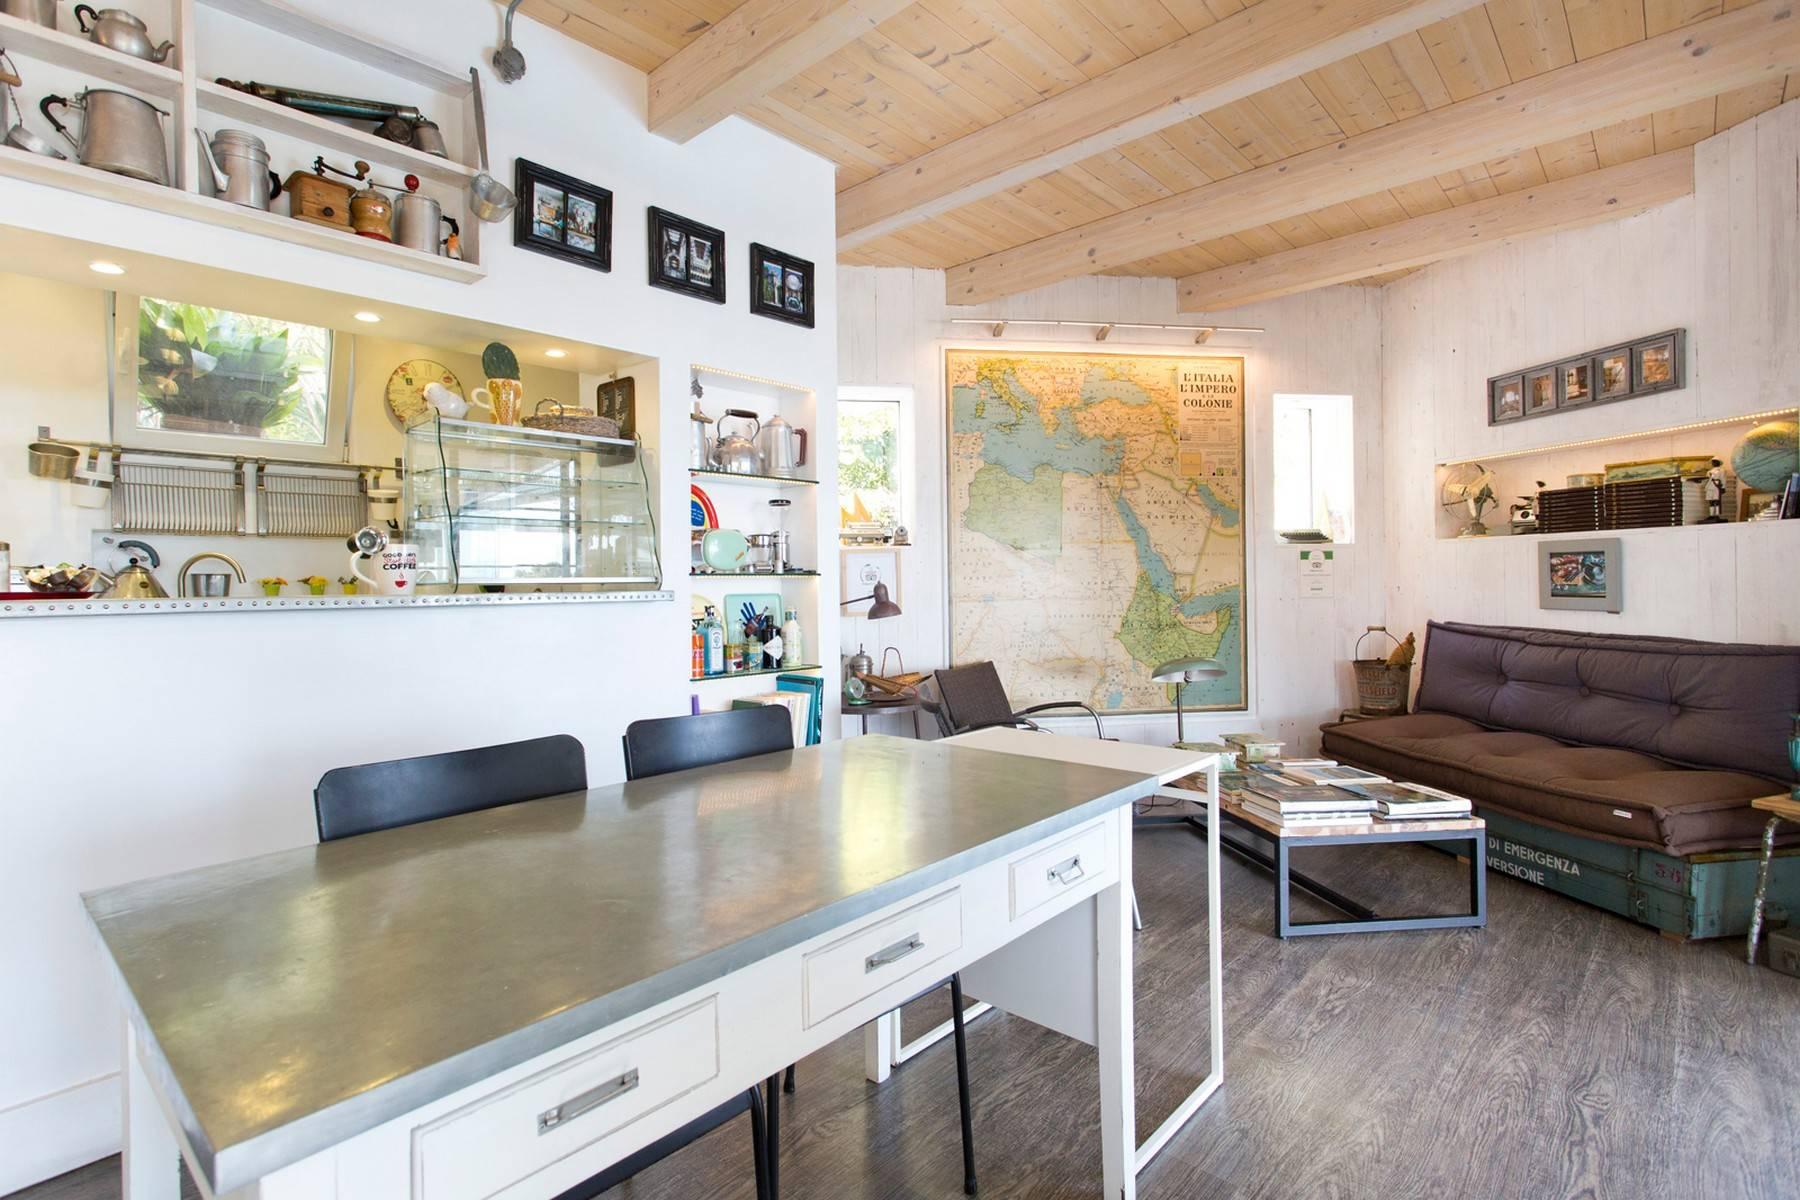 Wunderschöne Villa mit Blick auf die Bucht von La Spezia - 10